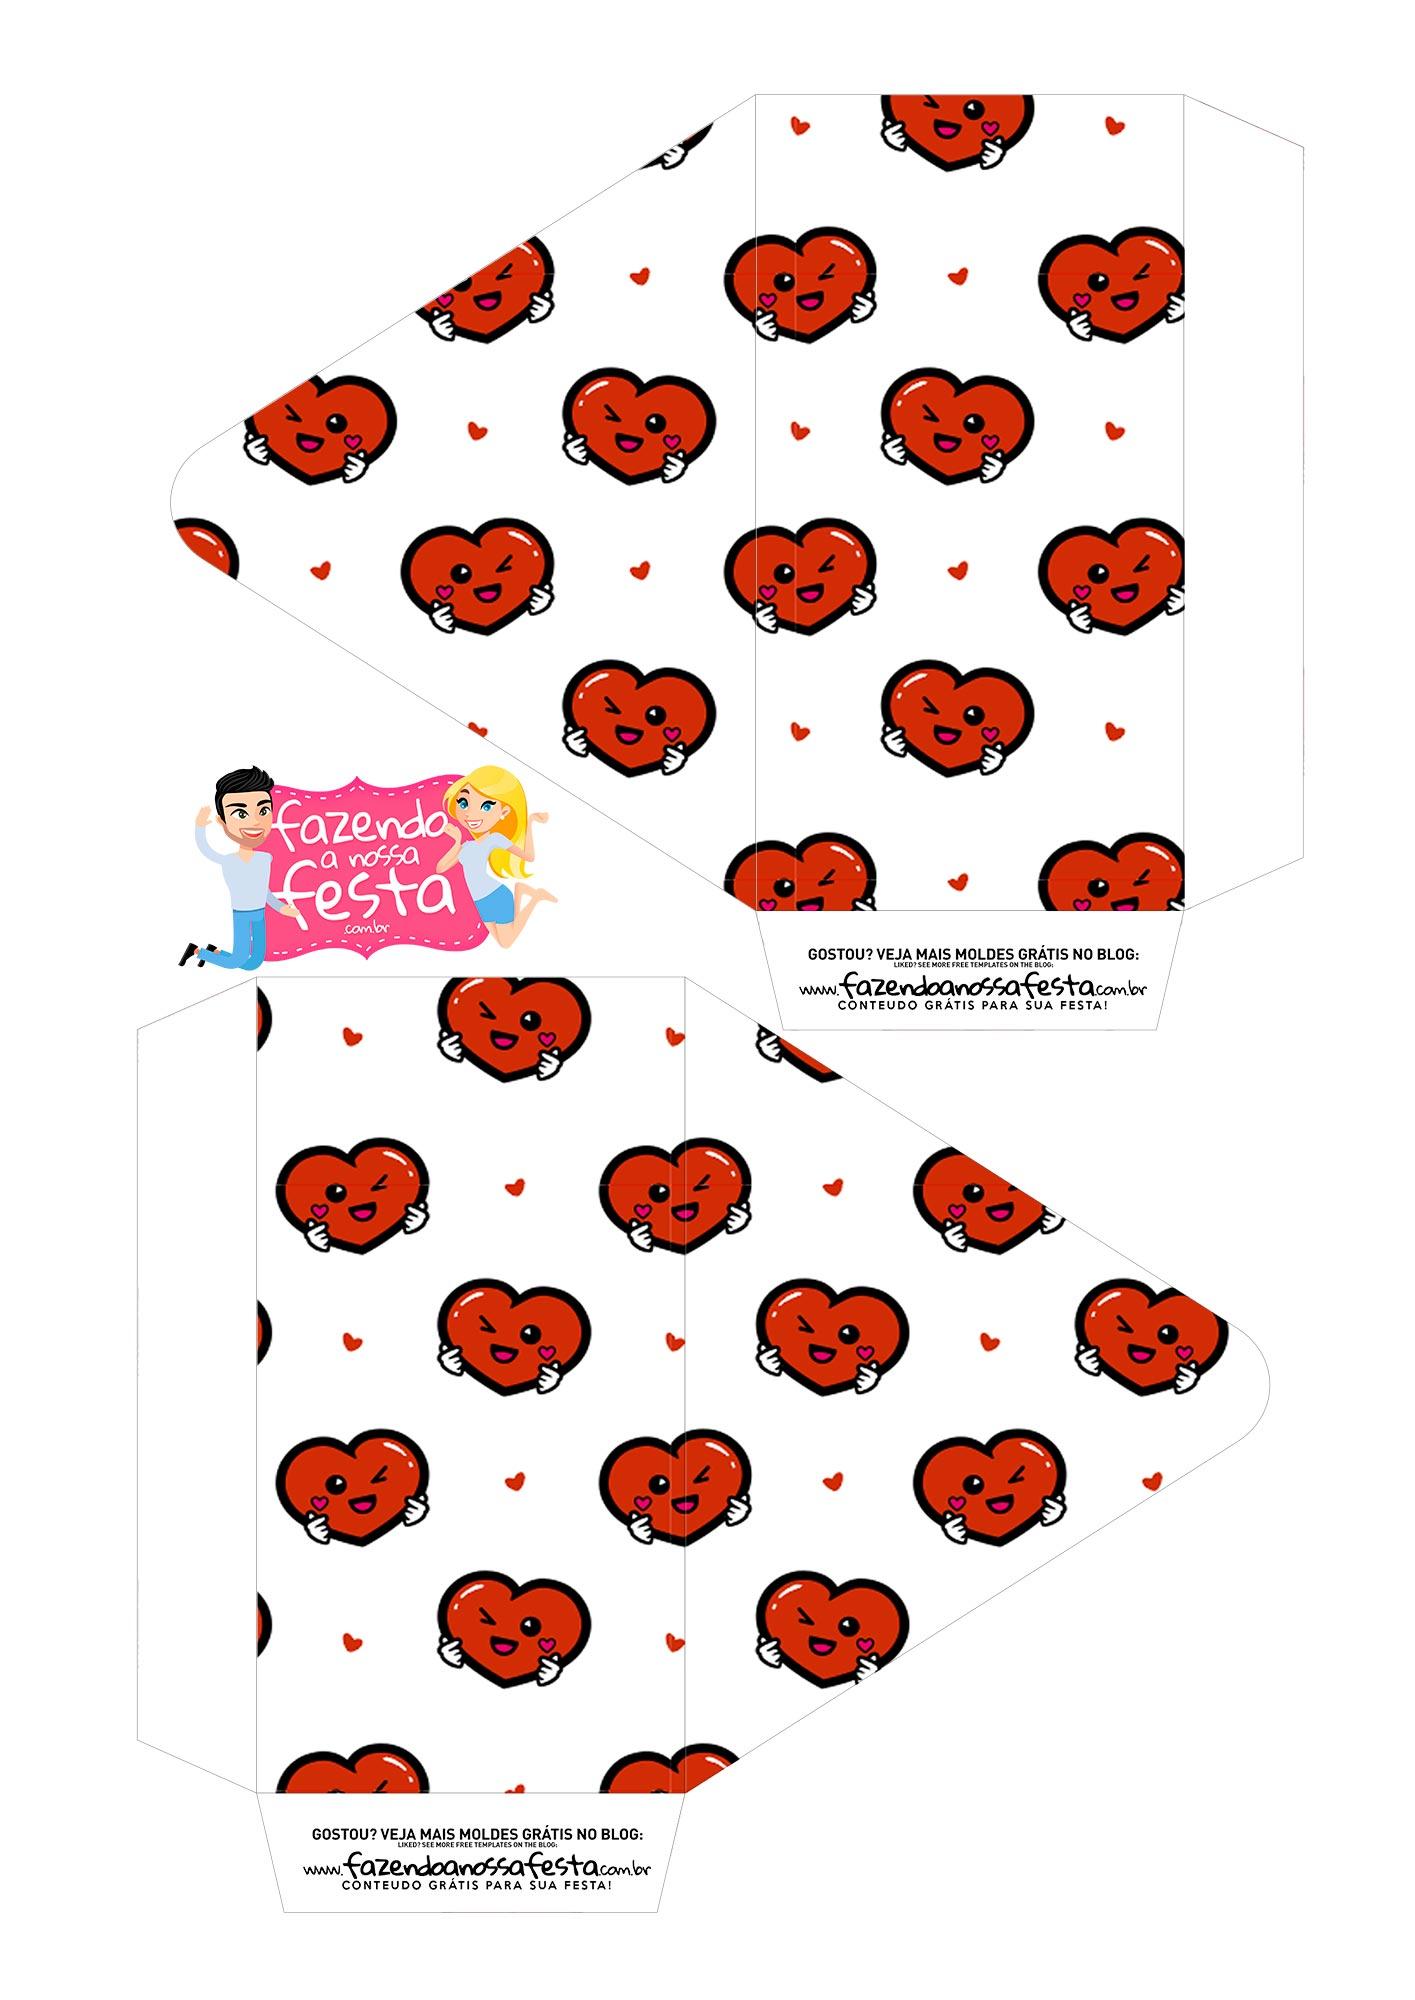 Caixa Envelope Dia dos Namorados Paradigmas 1